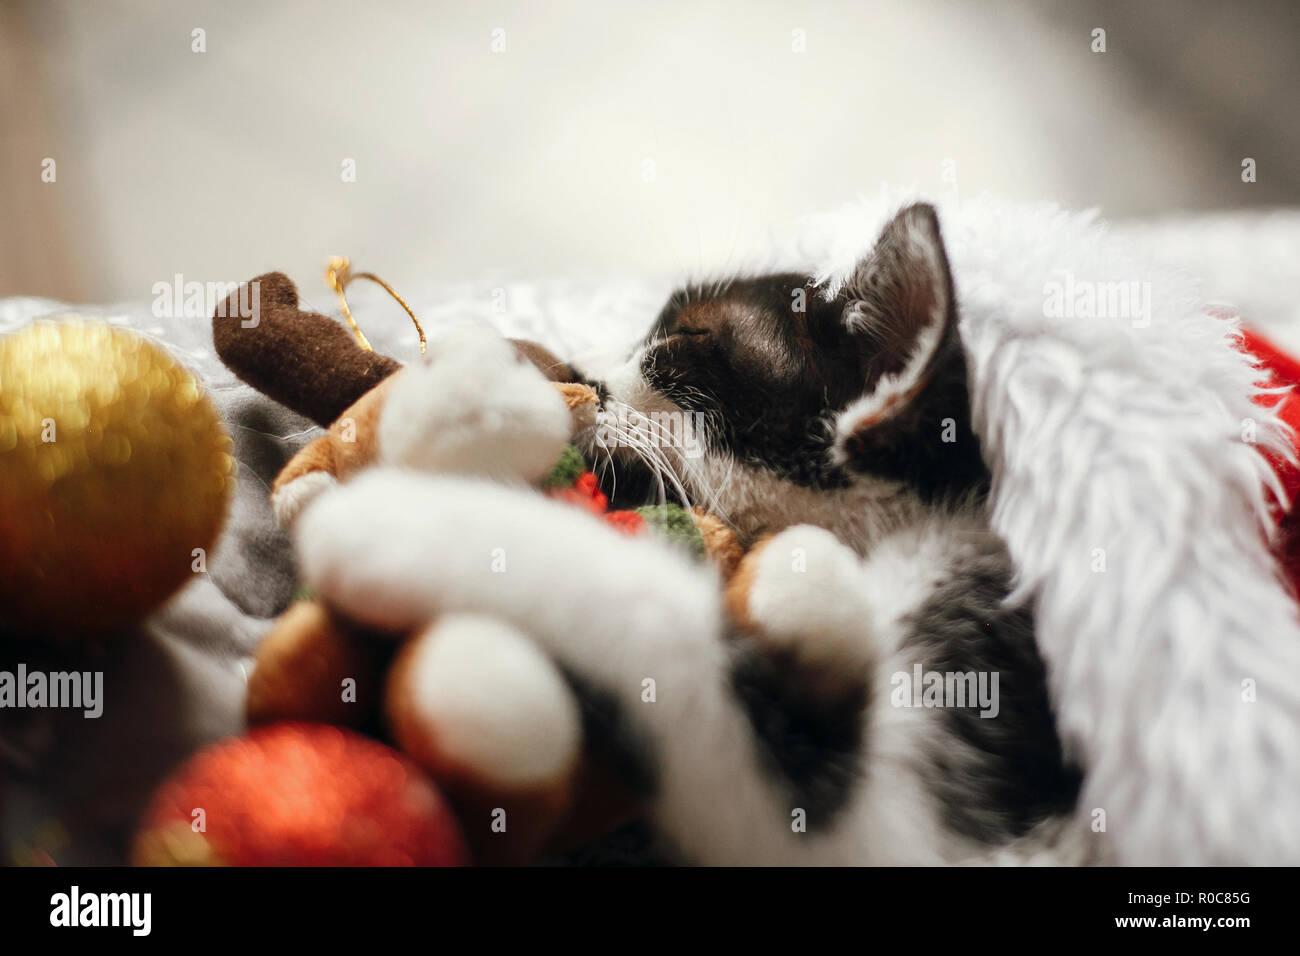 Lindo gatito durmiendo en santa sombrero en la cama con oro y rojo bolas de navidad en la sala de fiestas. Feliz Navidad concepto. Adorable gatito dormitar con rei Imagen De Stock